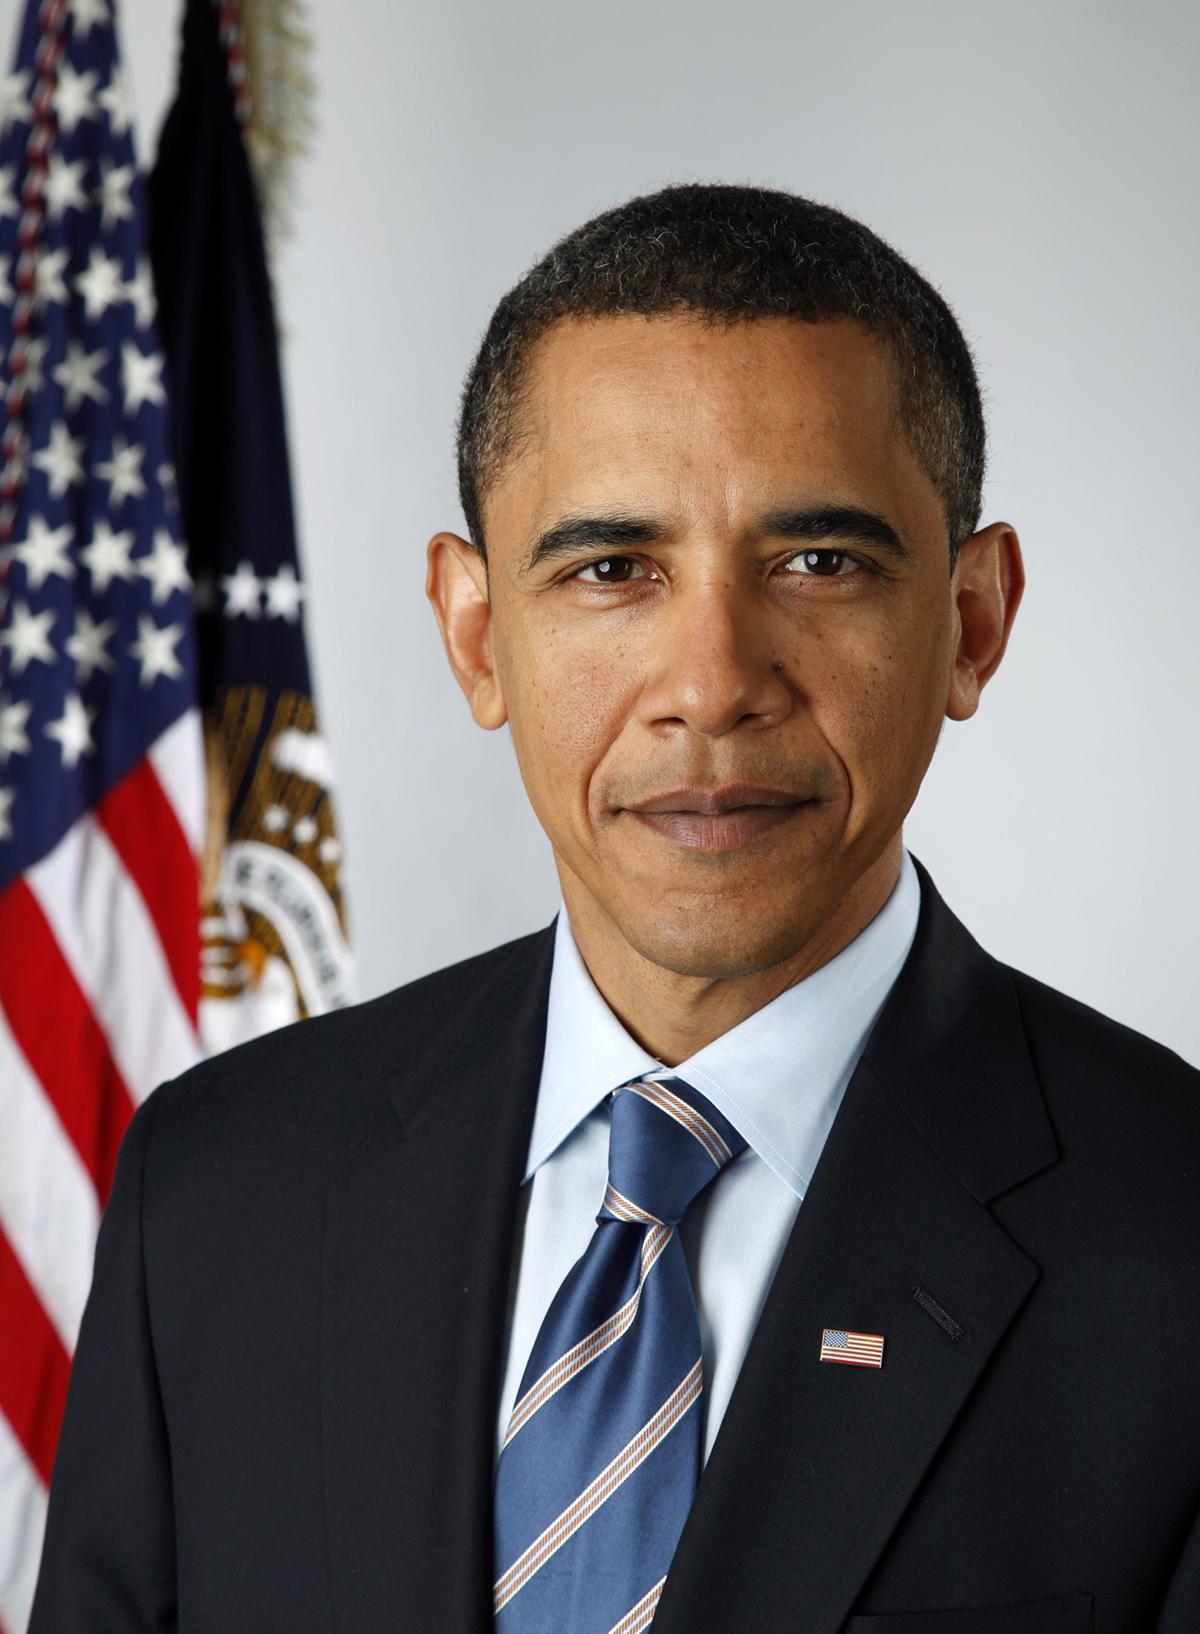 43_barackobama.jpg - Barack H. Obama